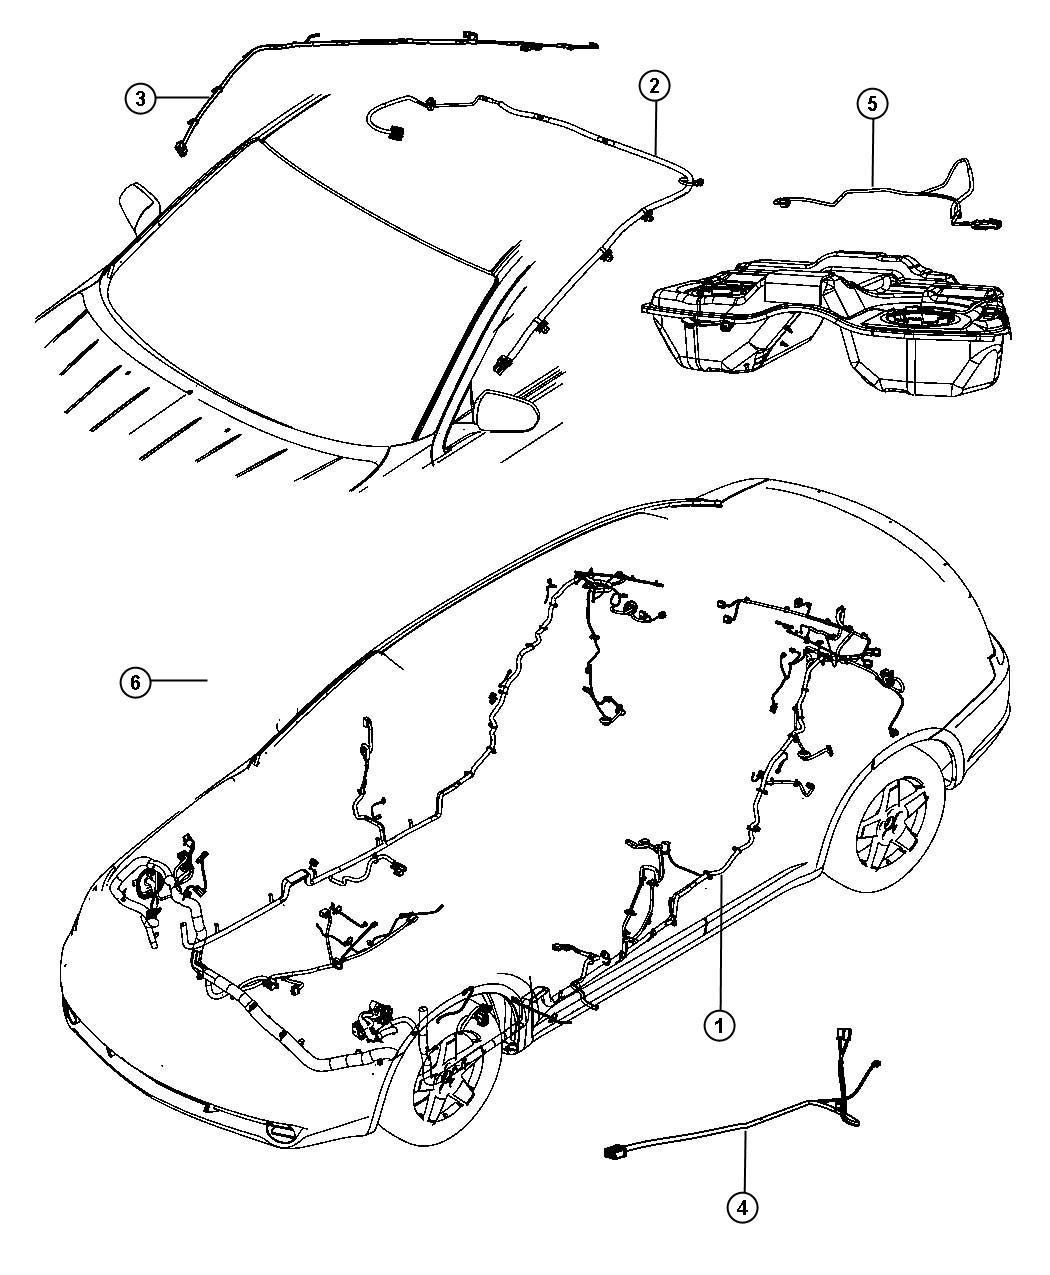 Chrysler 200 Wiring  Unified Body  Sirius  Satellite